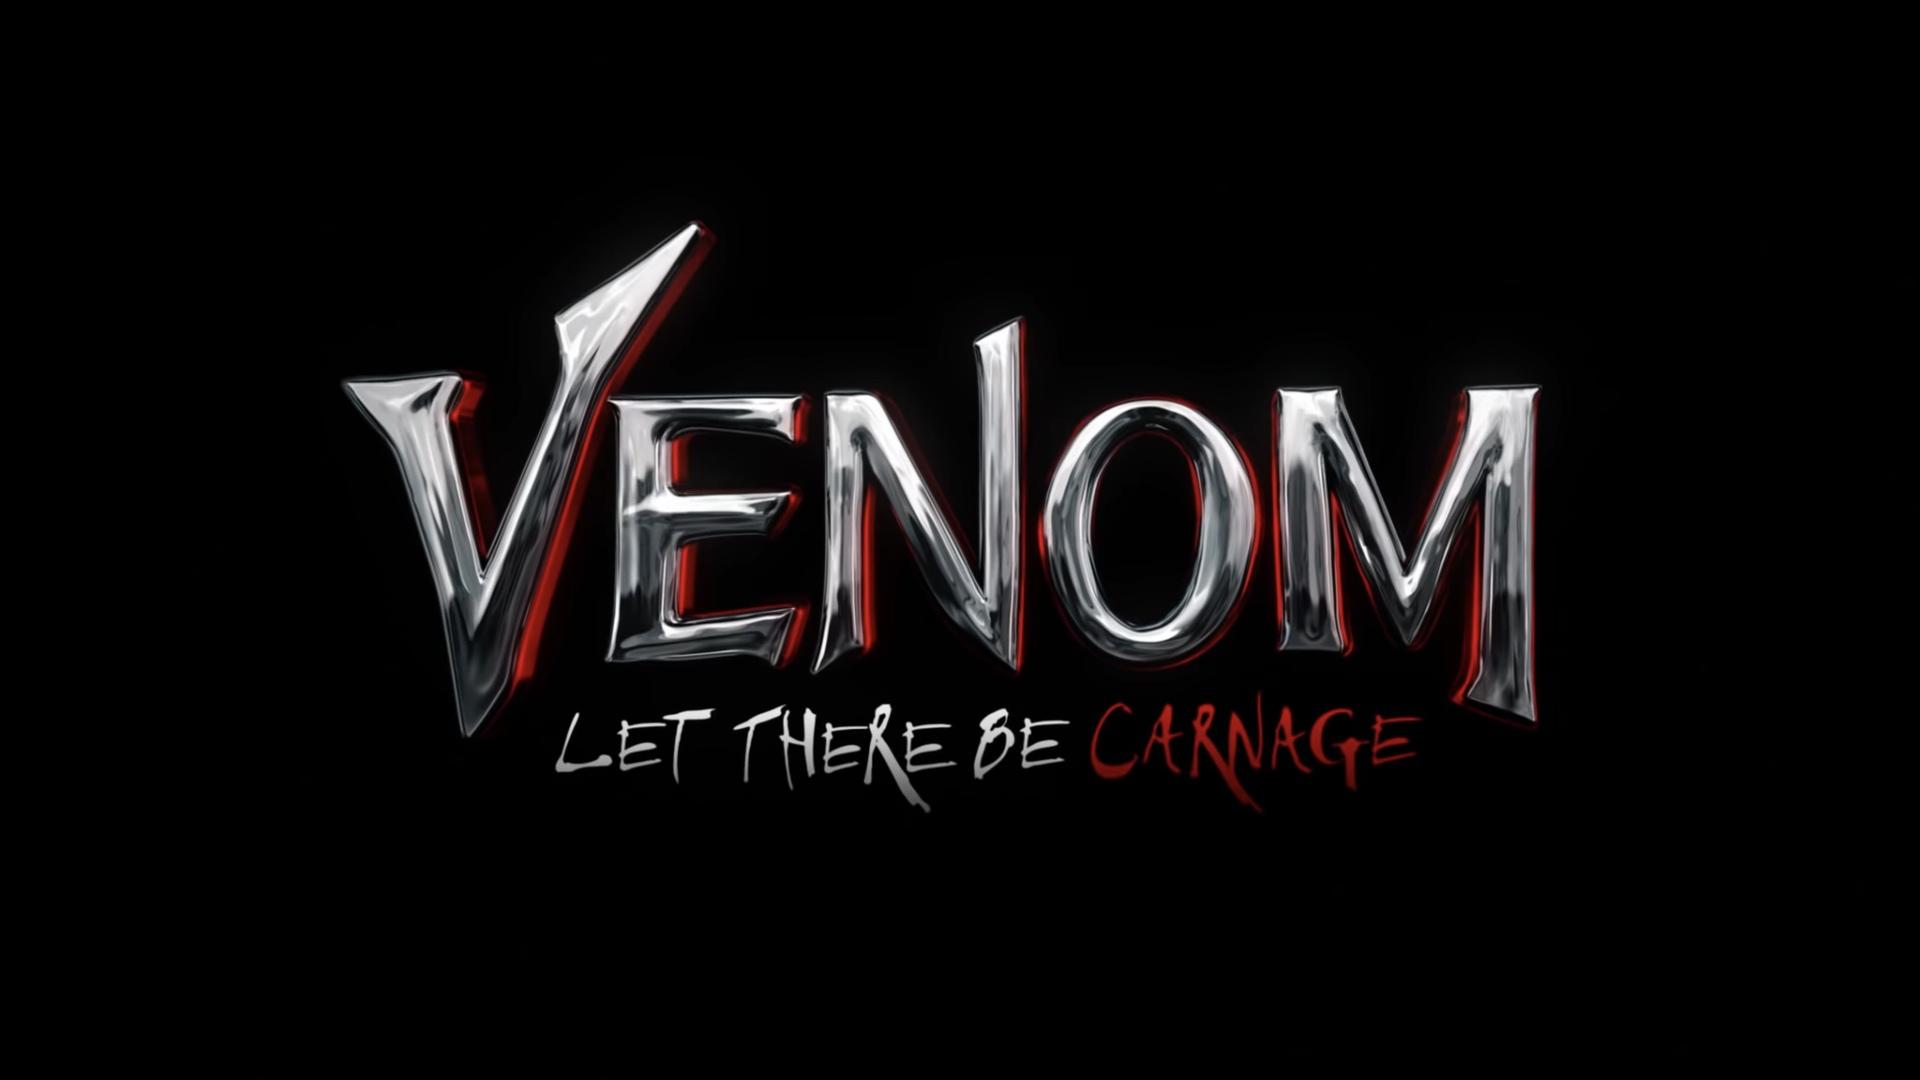 Инсайдер: трейлер фильма «Веном: Да будет Карнаж» тизерит Человека-паука